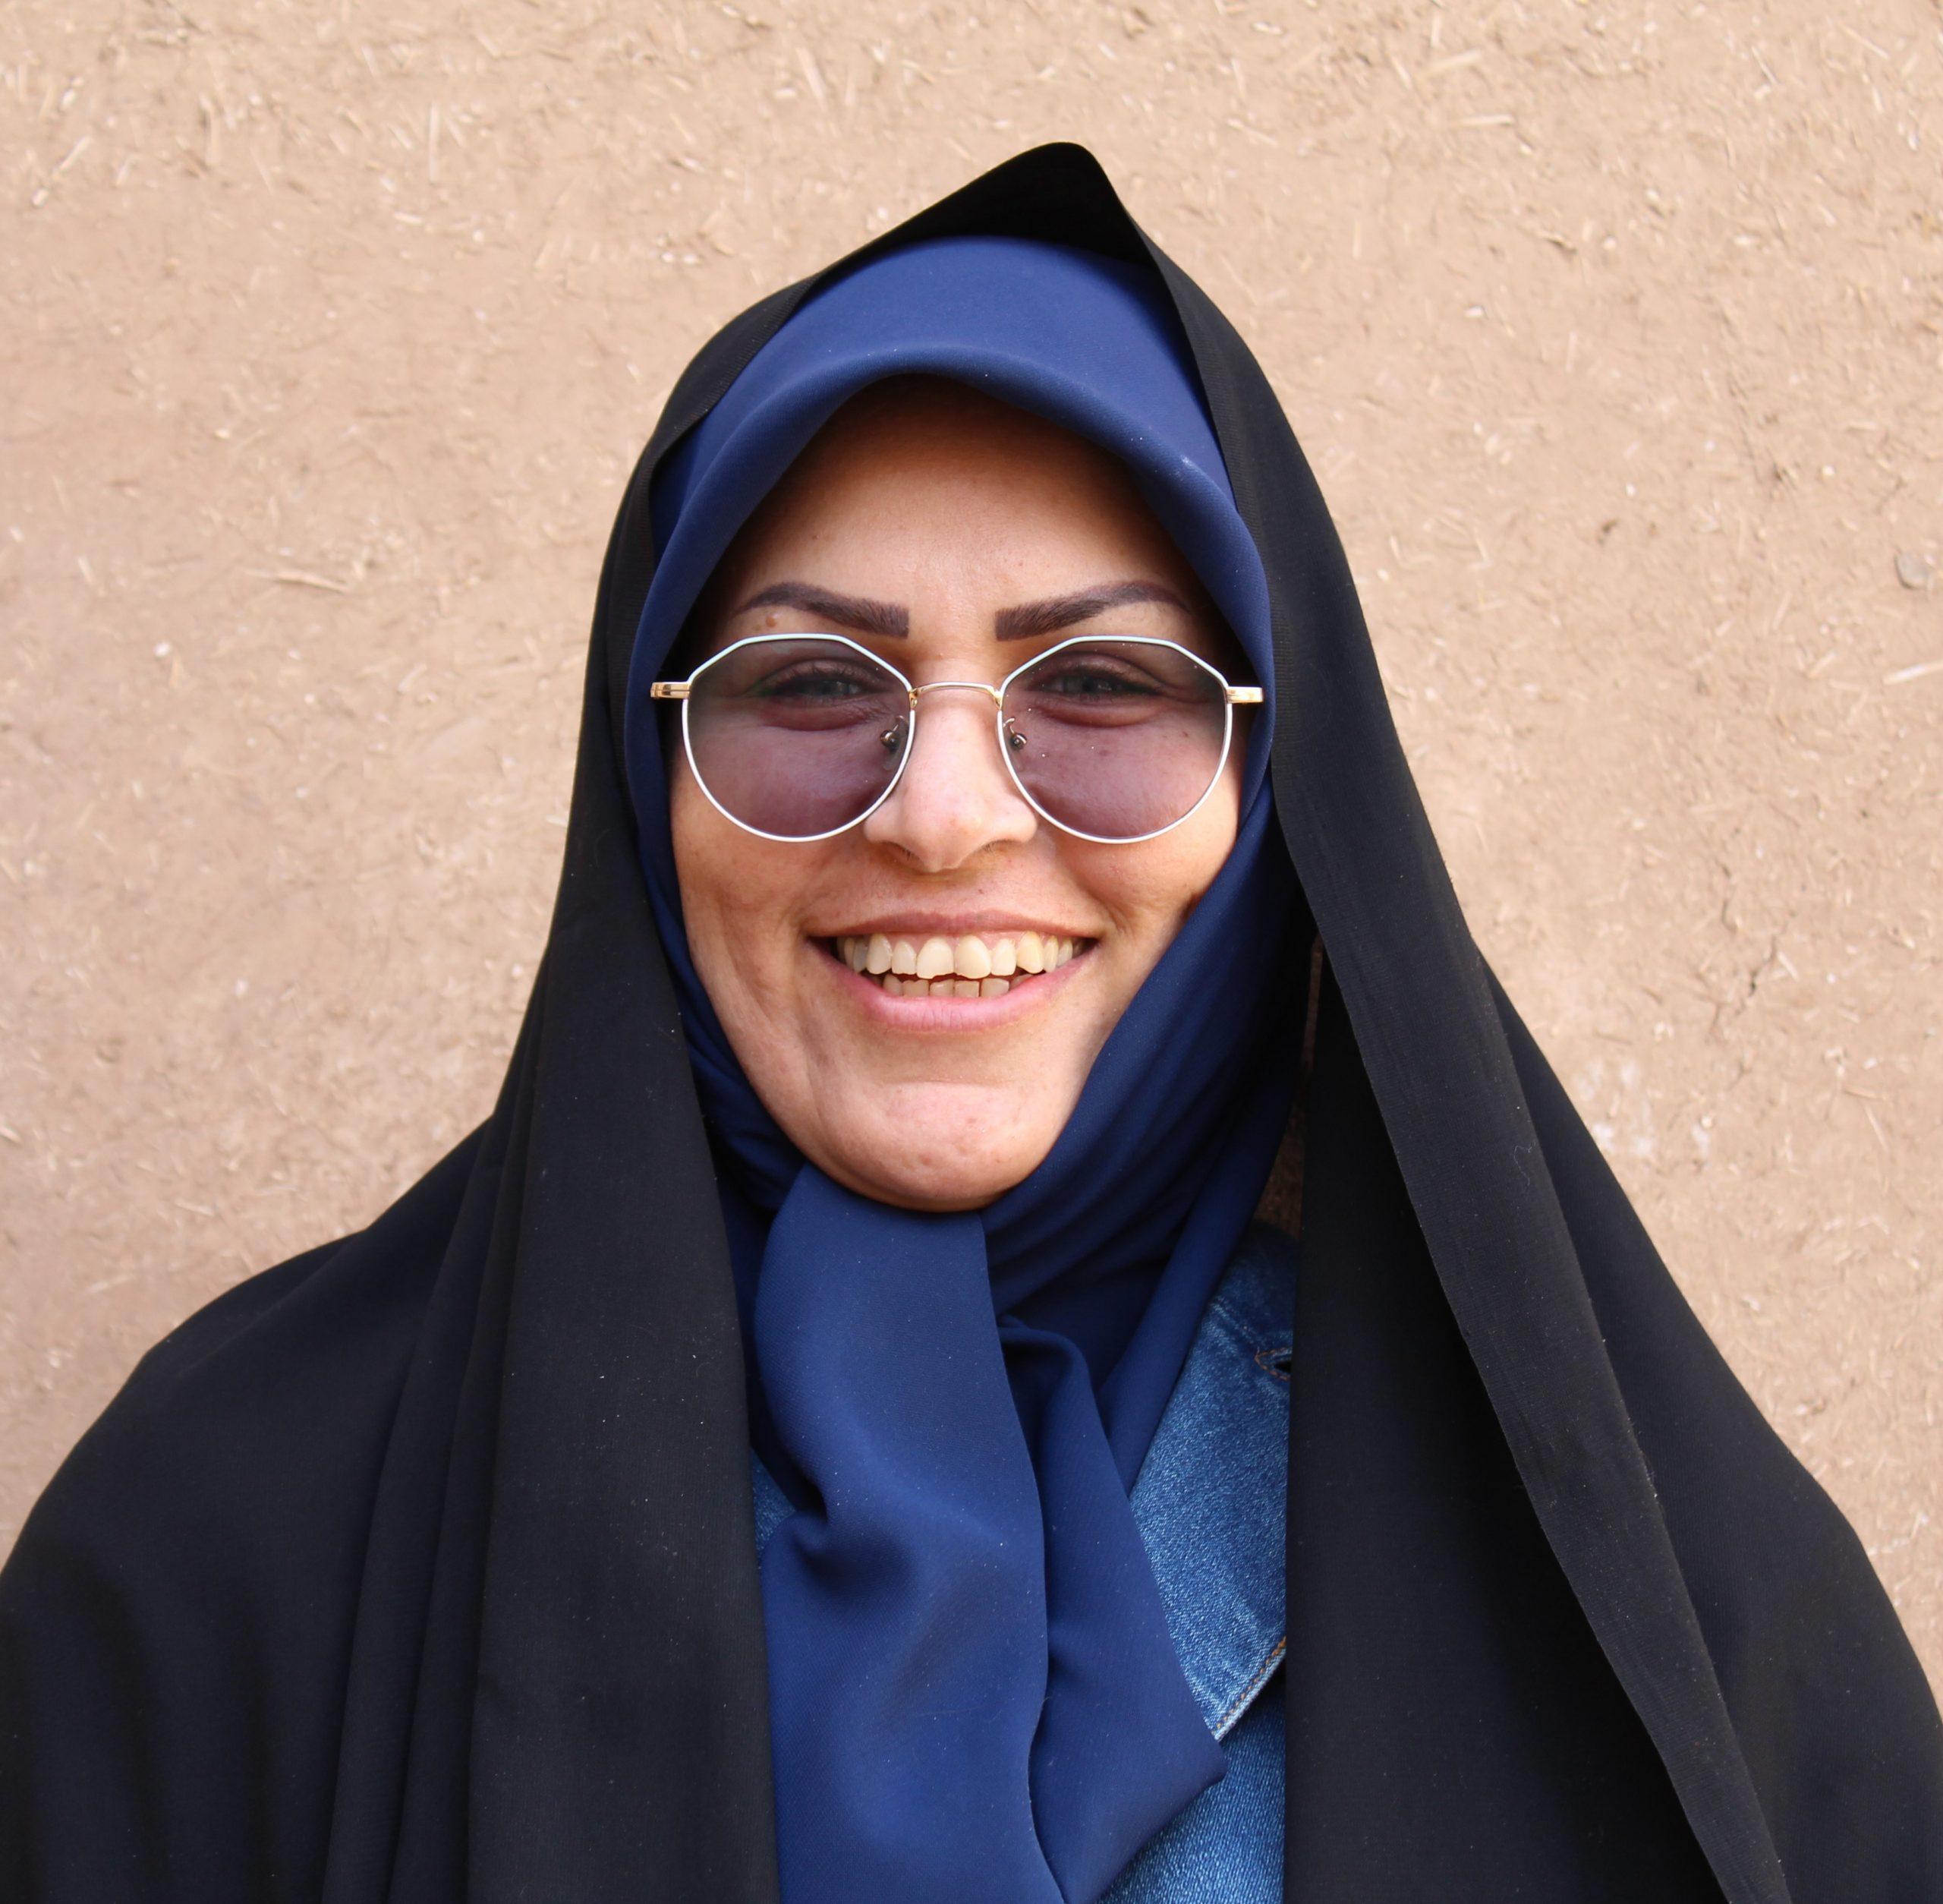 مریم جان احمدی